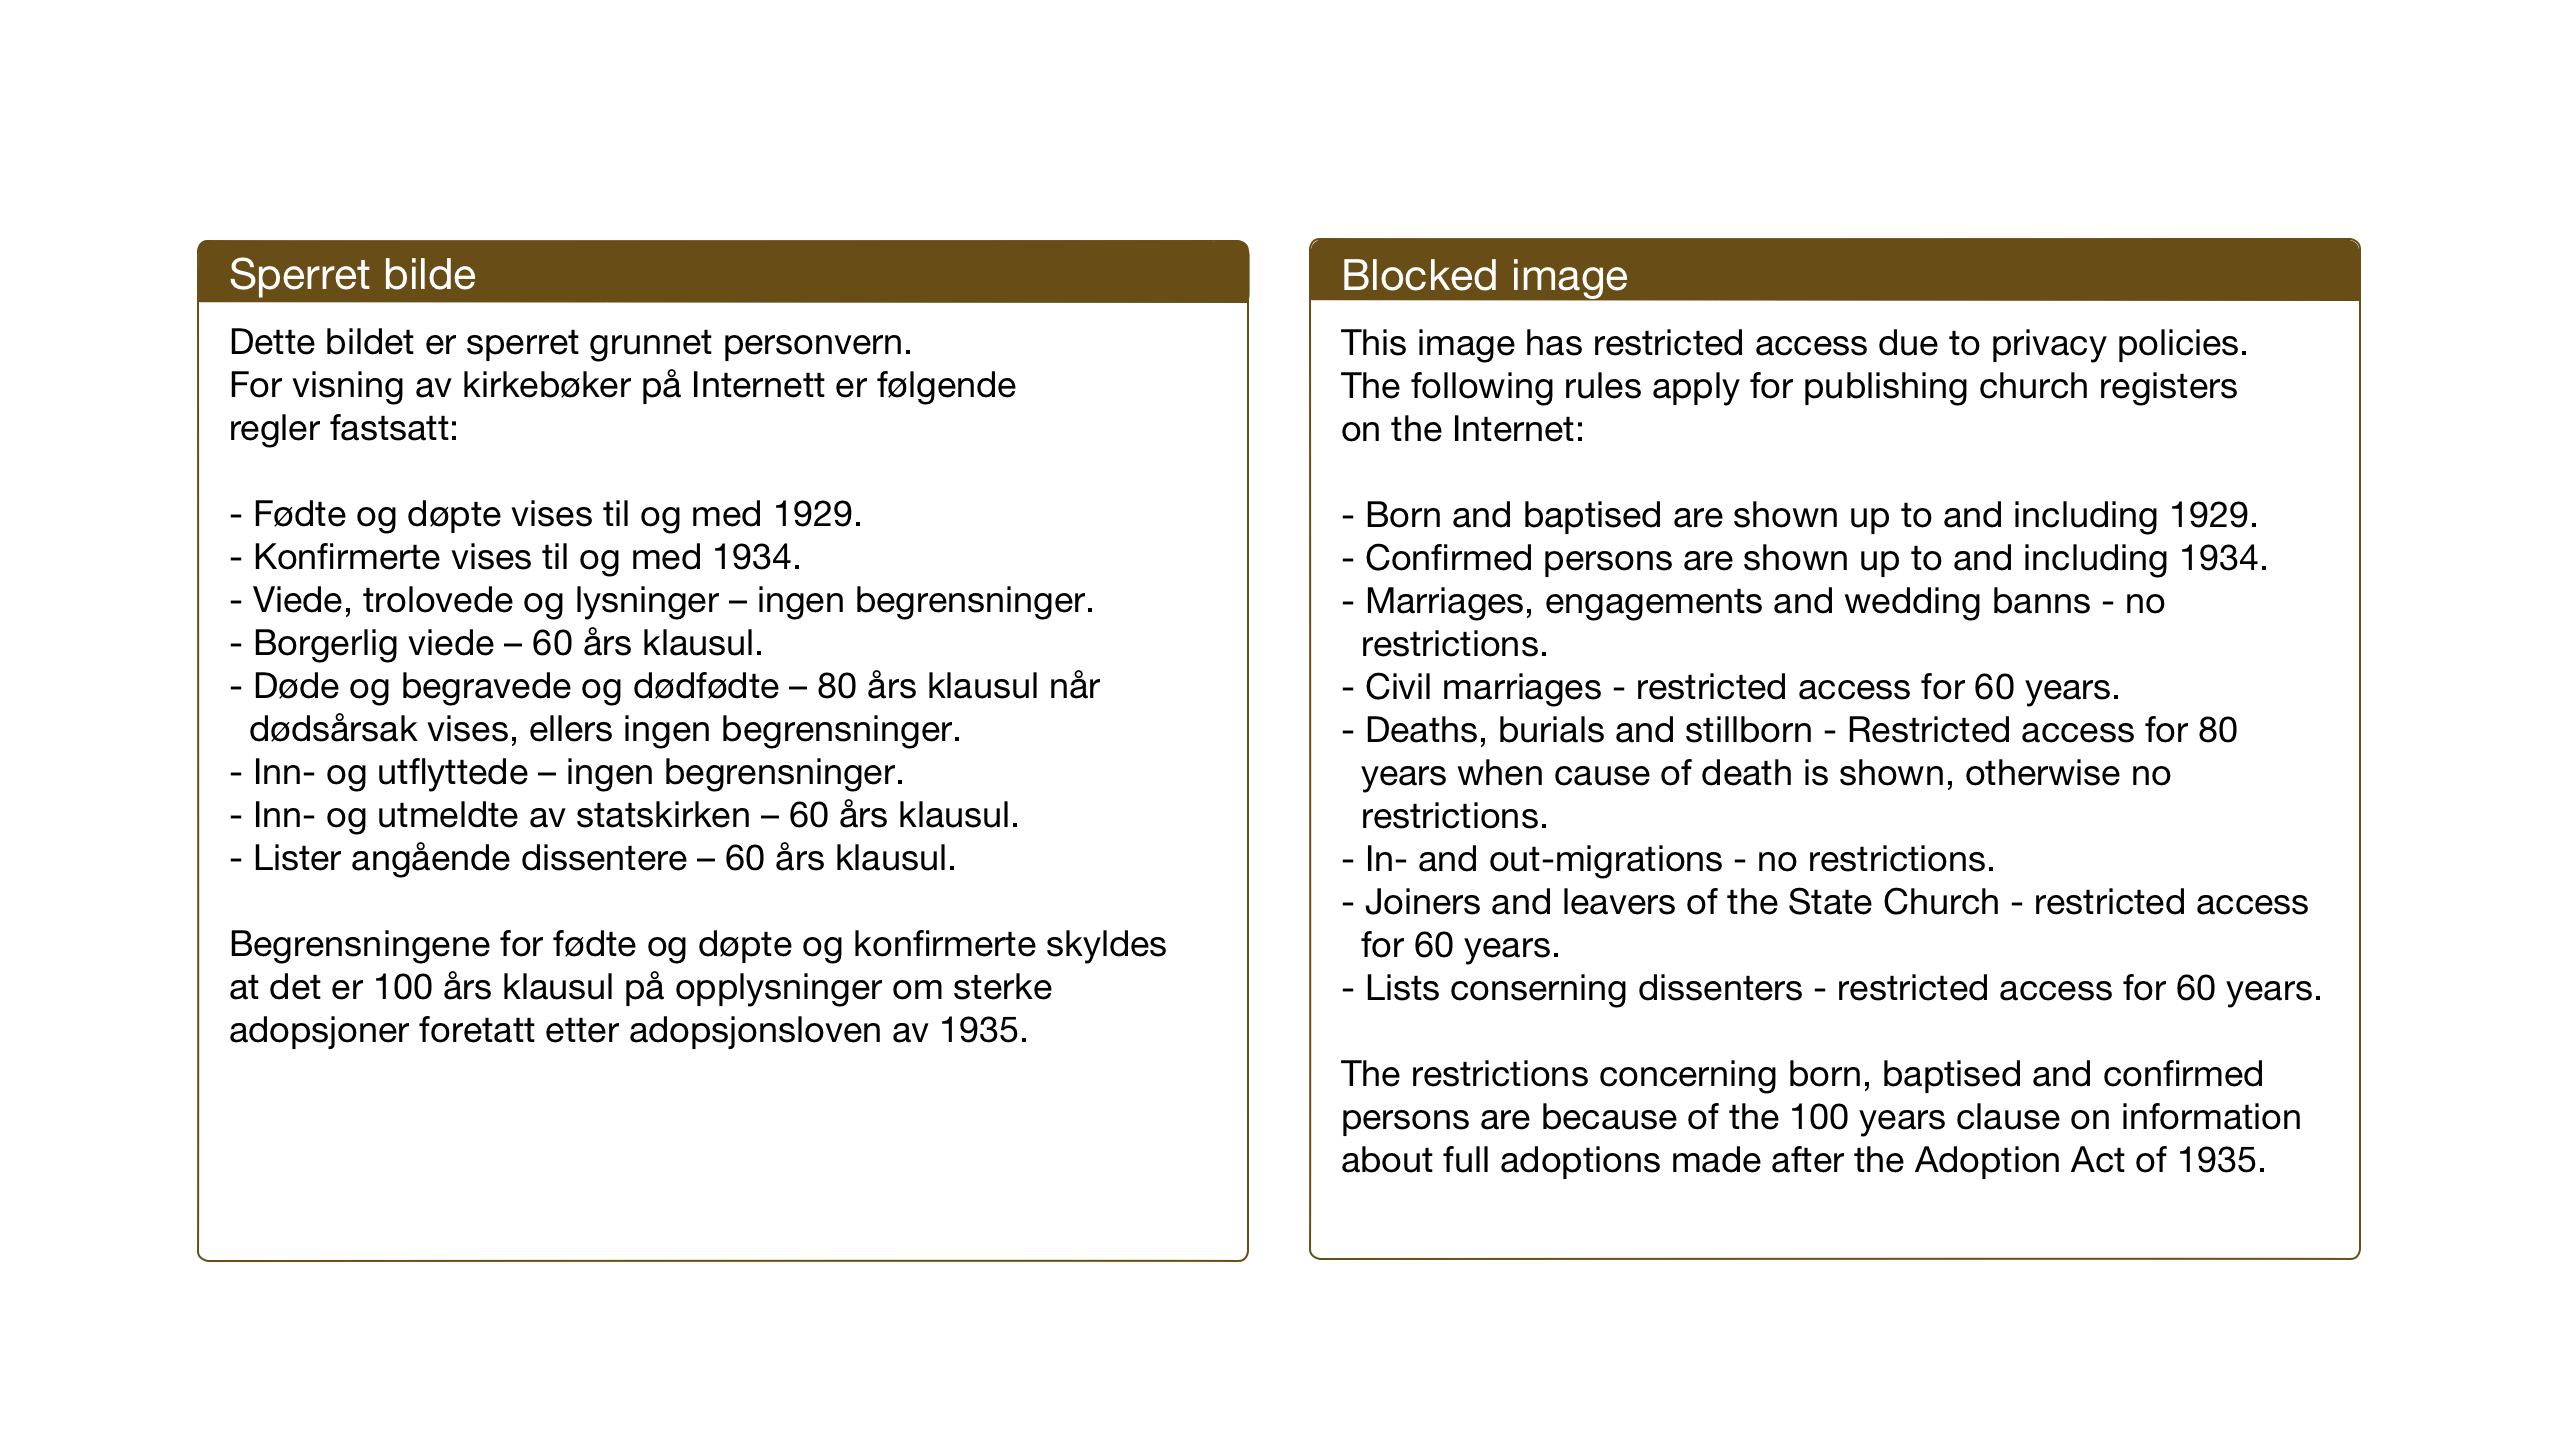 SAT, Ministerialprotokoller, klokkerbøker og fødselsregistre - Sør-Trøndelag, 607/L0327: Klokkerbok nr. 607C01, 1930-1939, s. 4